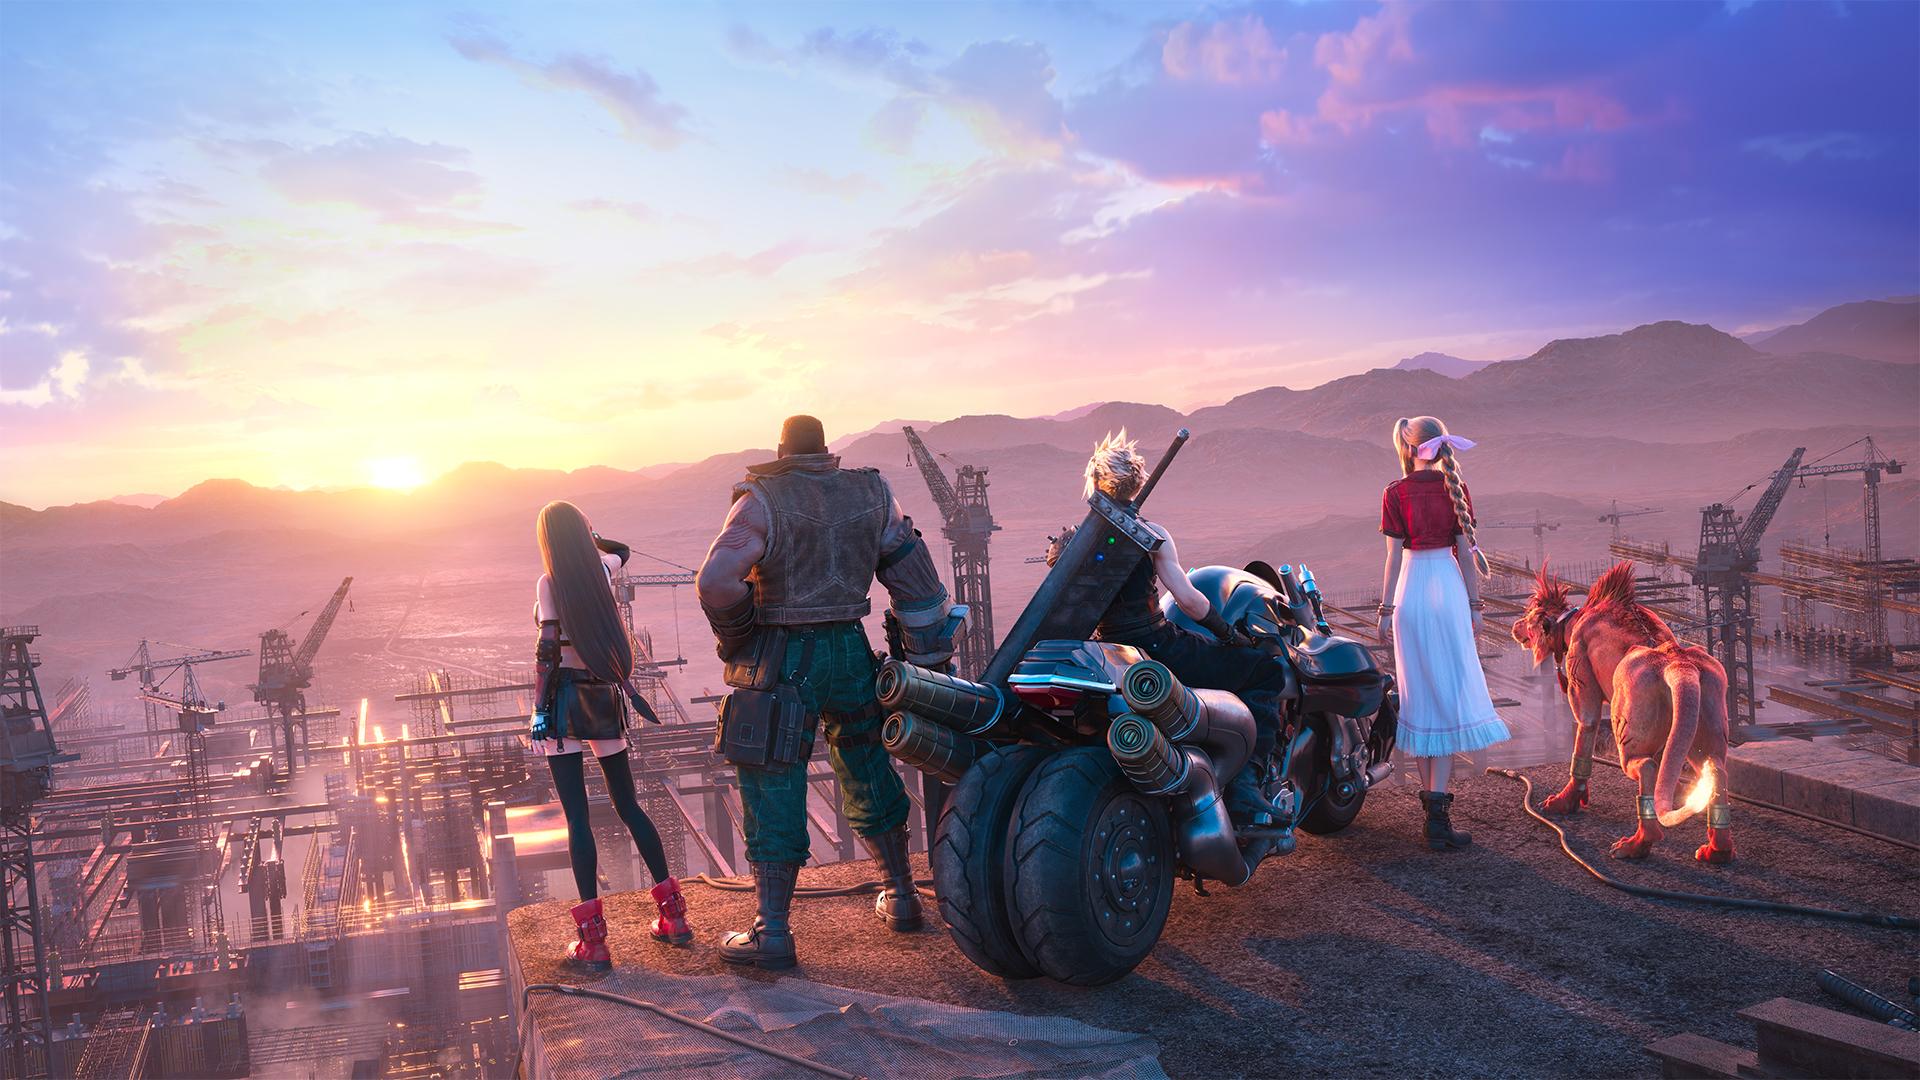 《最终幻想7 重制版 Intergrade》新图公开 详细介绍尤菲技能